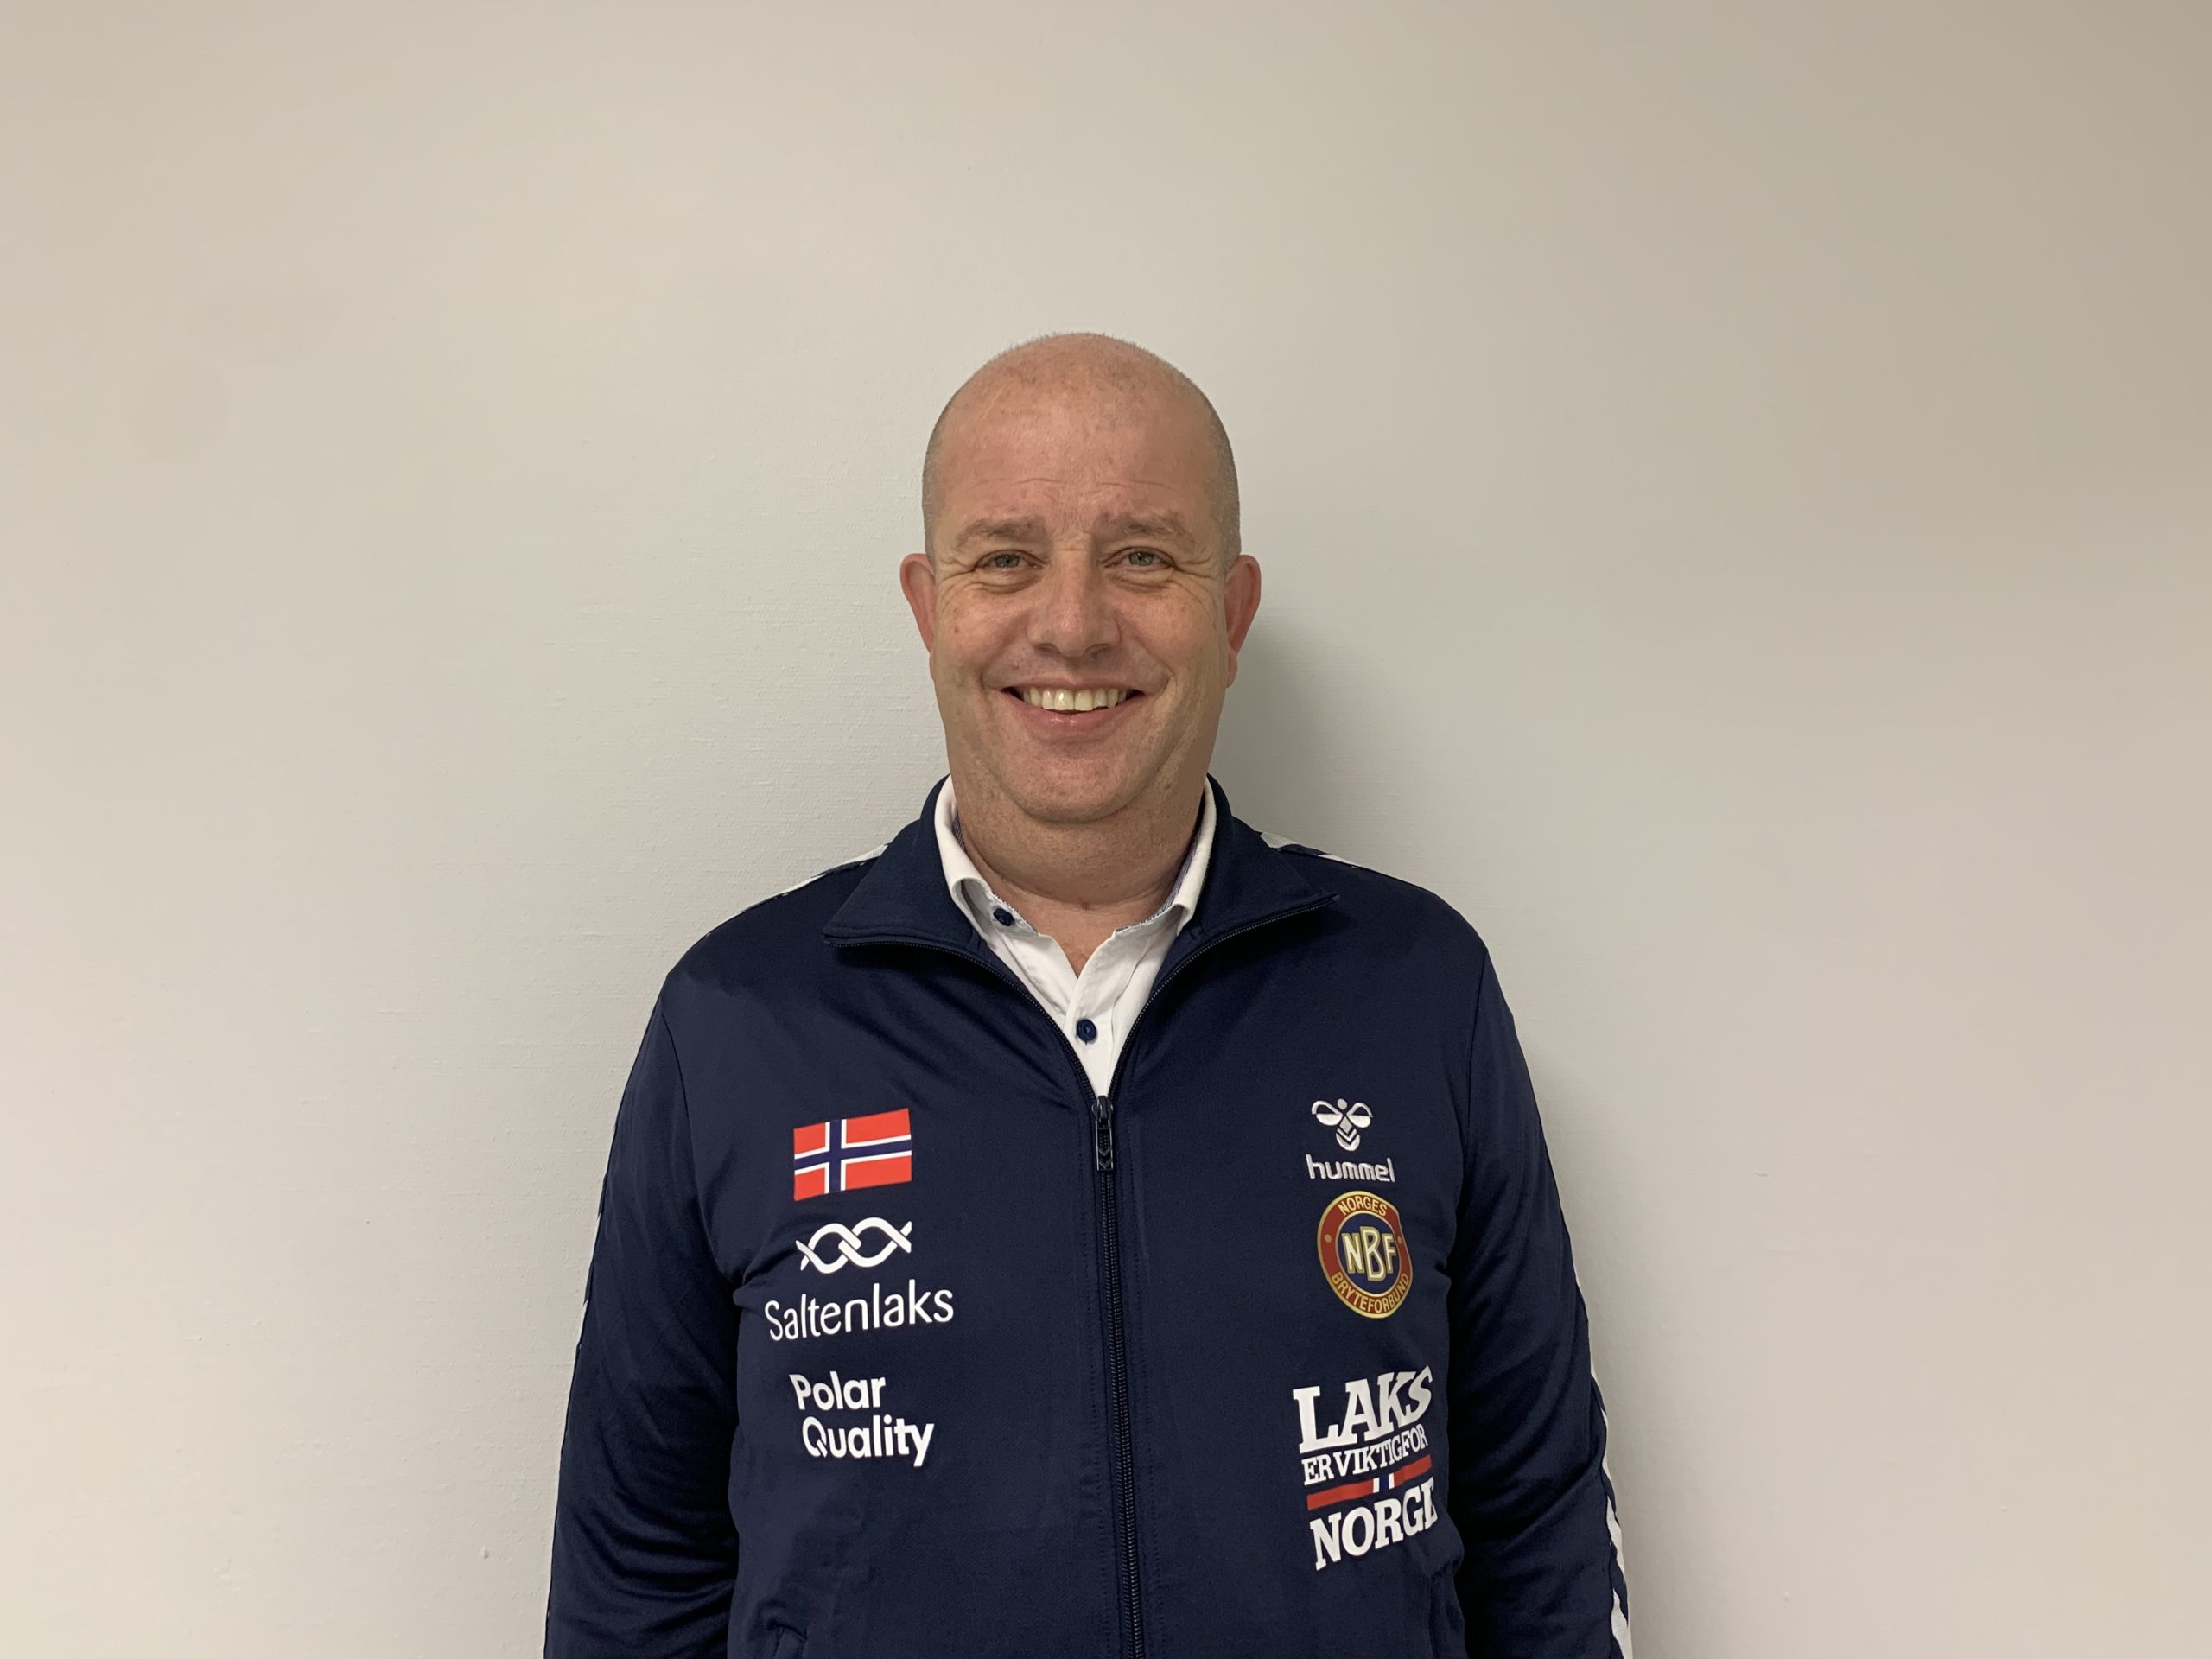 Morten Sandnæs